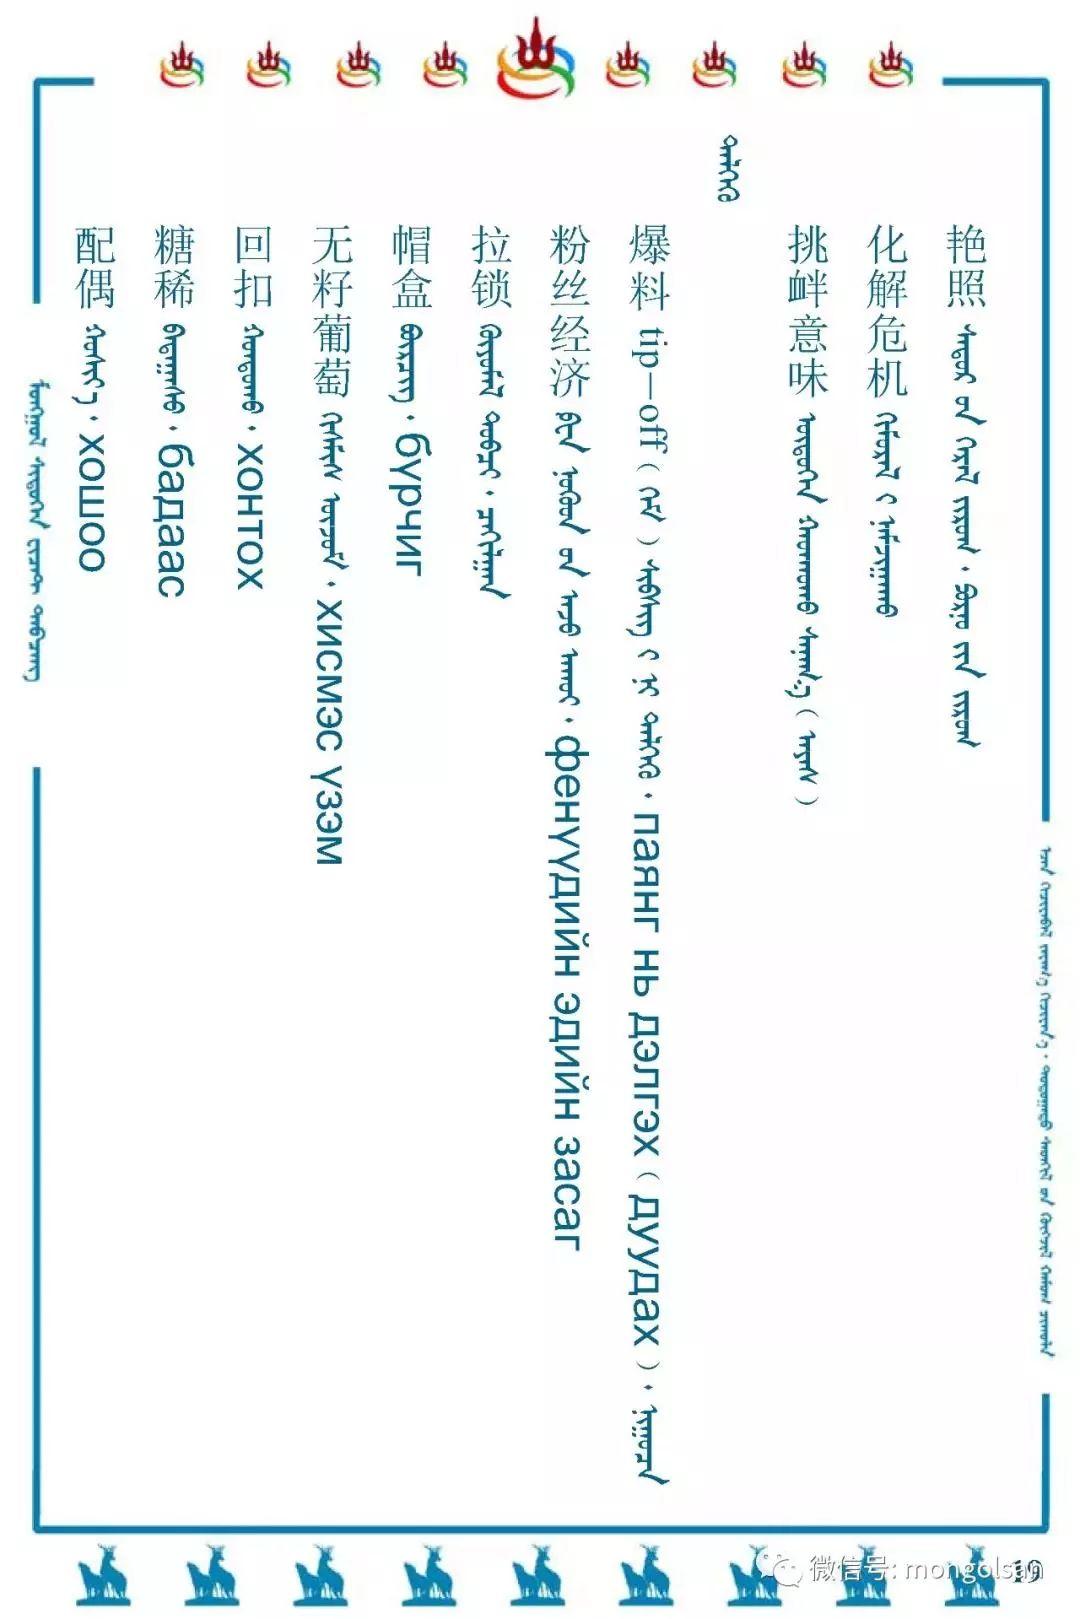 最新名词蒙古语翻译参考 第19张